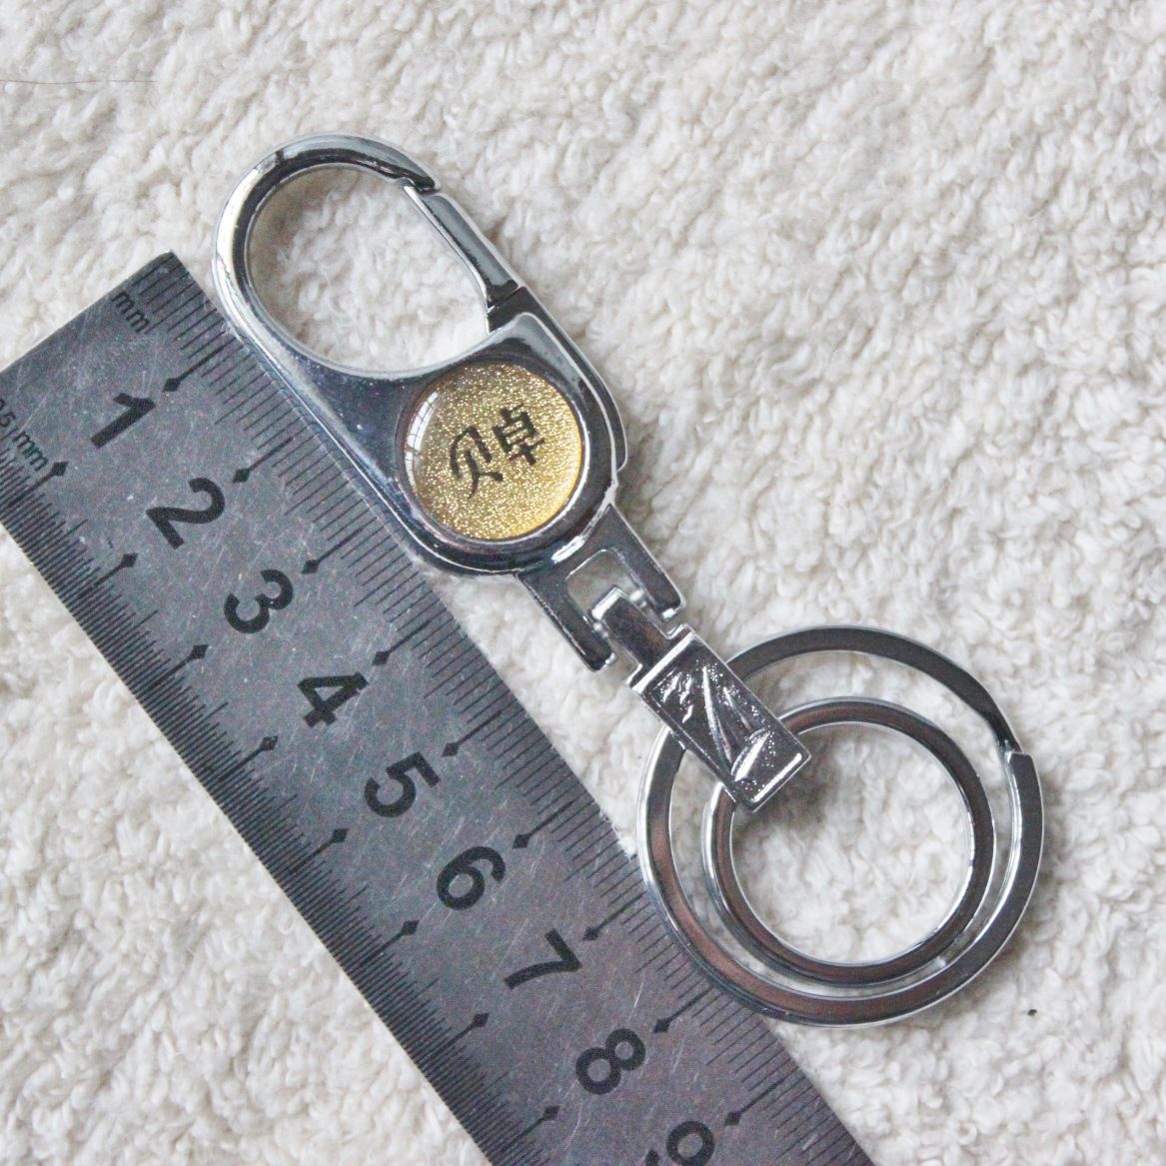 男士腰挂 日美贝卓锁扣 单环钥匙扣 钥匙圈双环 钥匙链B219